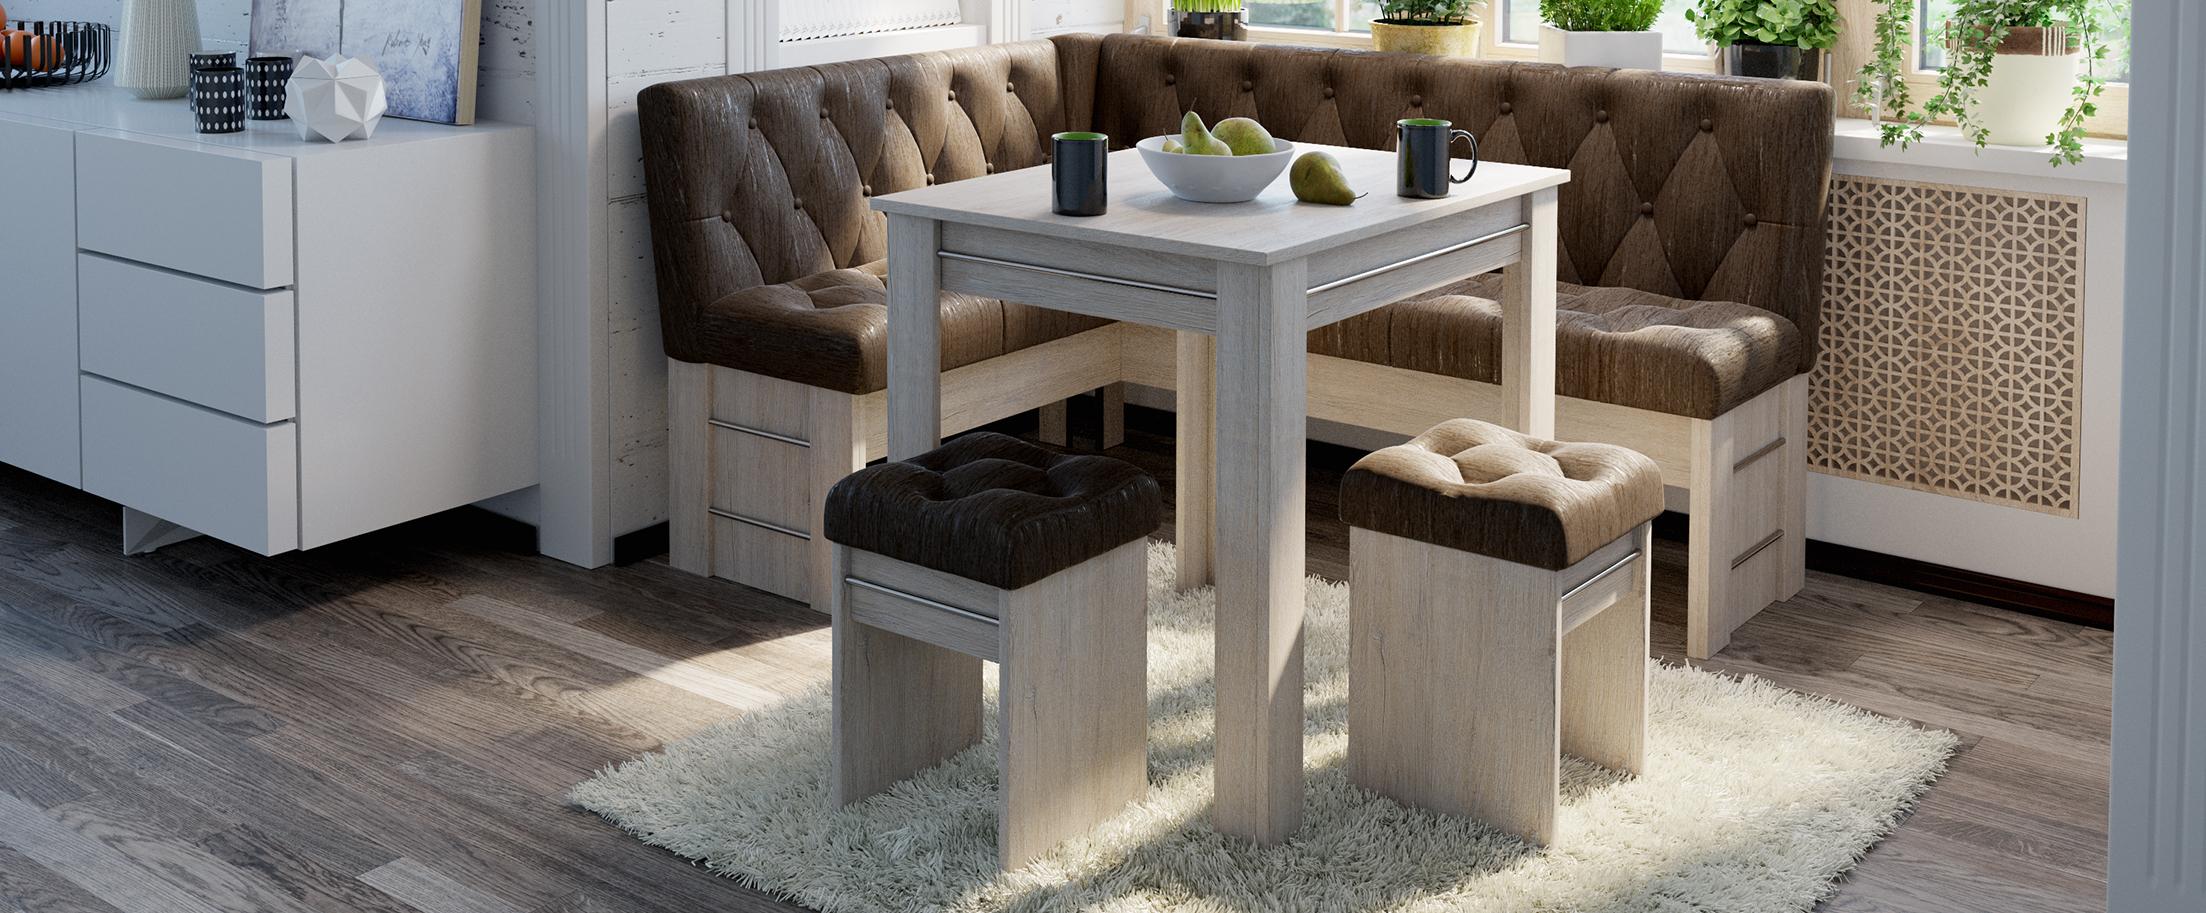 Кухонный уголок Парма Модель 3024Кухонный уголок Парма выполнен в стильном дизайне и органично дополнит любой современный интерьер, будет гармонично смотреться на вашей кухне, притягивая восторженные взгляды домочадцев и гостей<br>